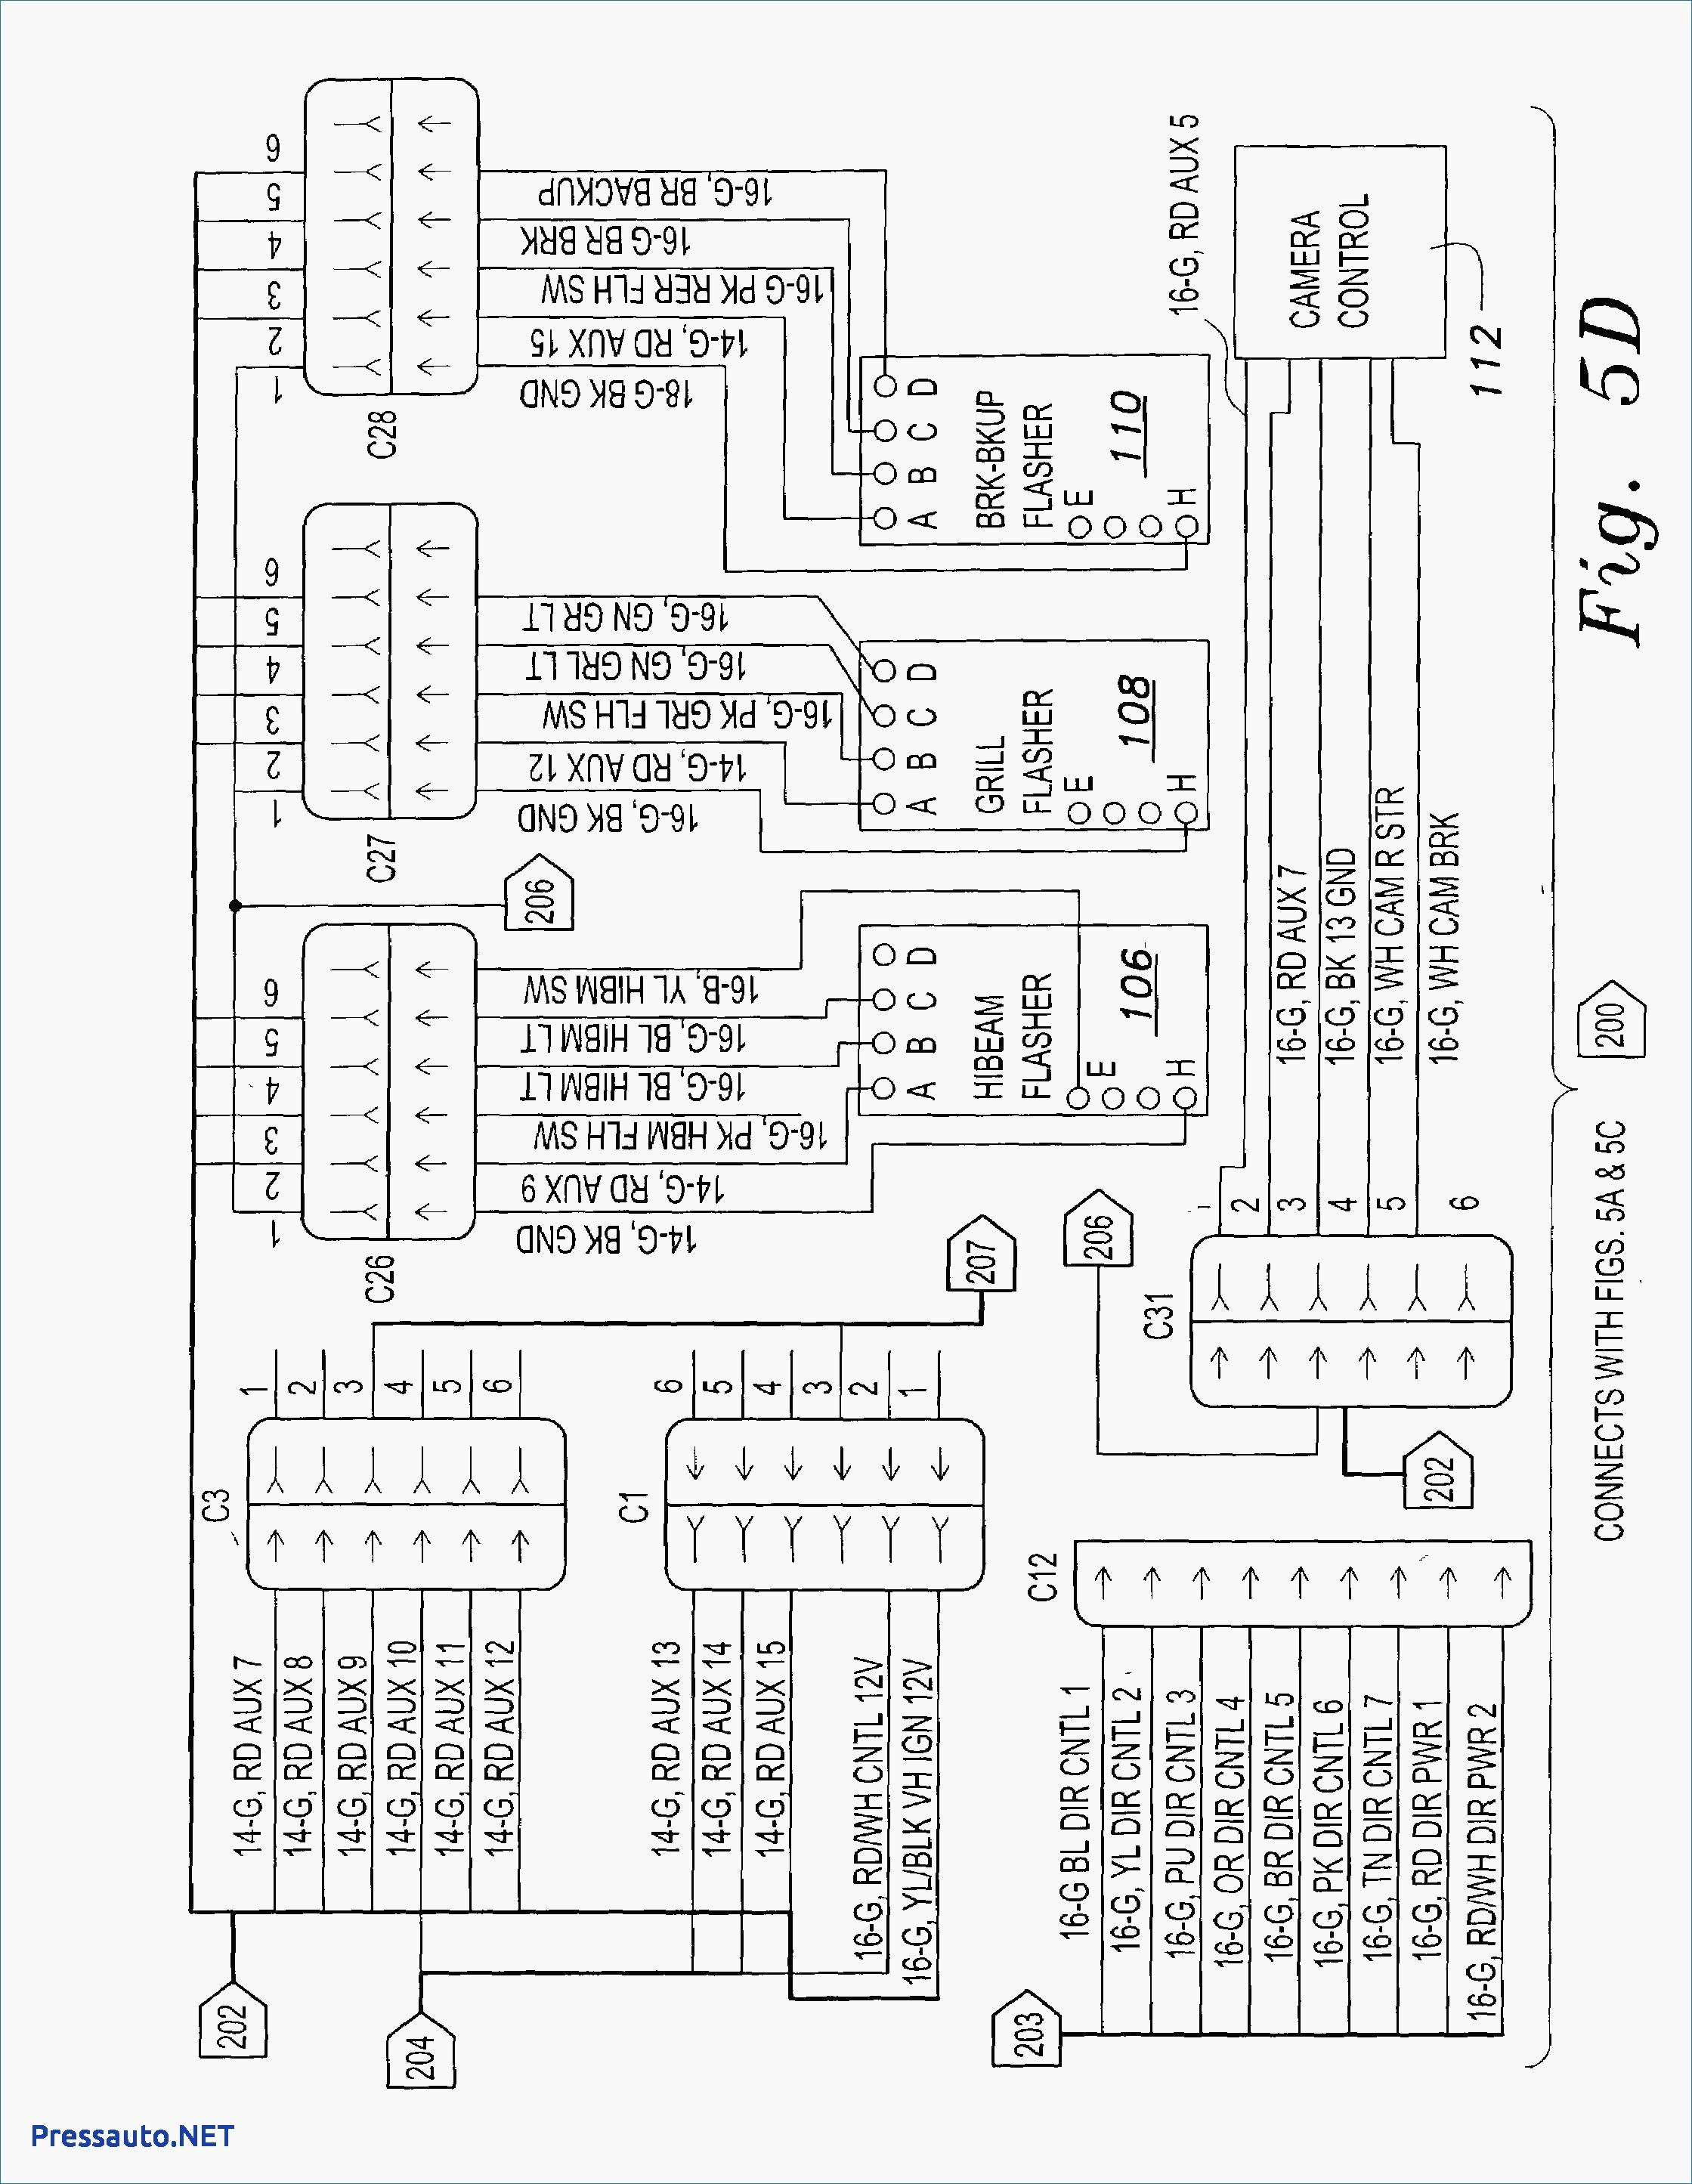 Wiring Diagram Kenwood Model Kdc 6011